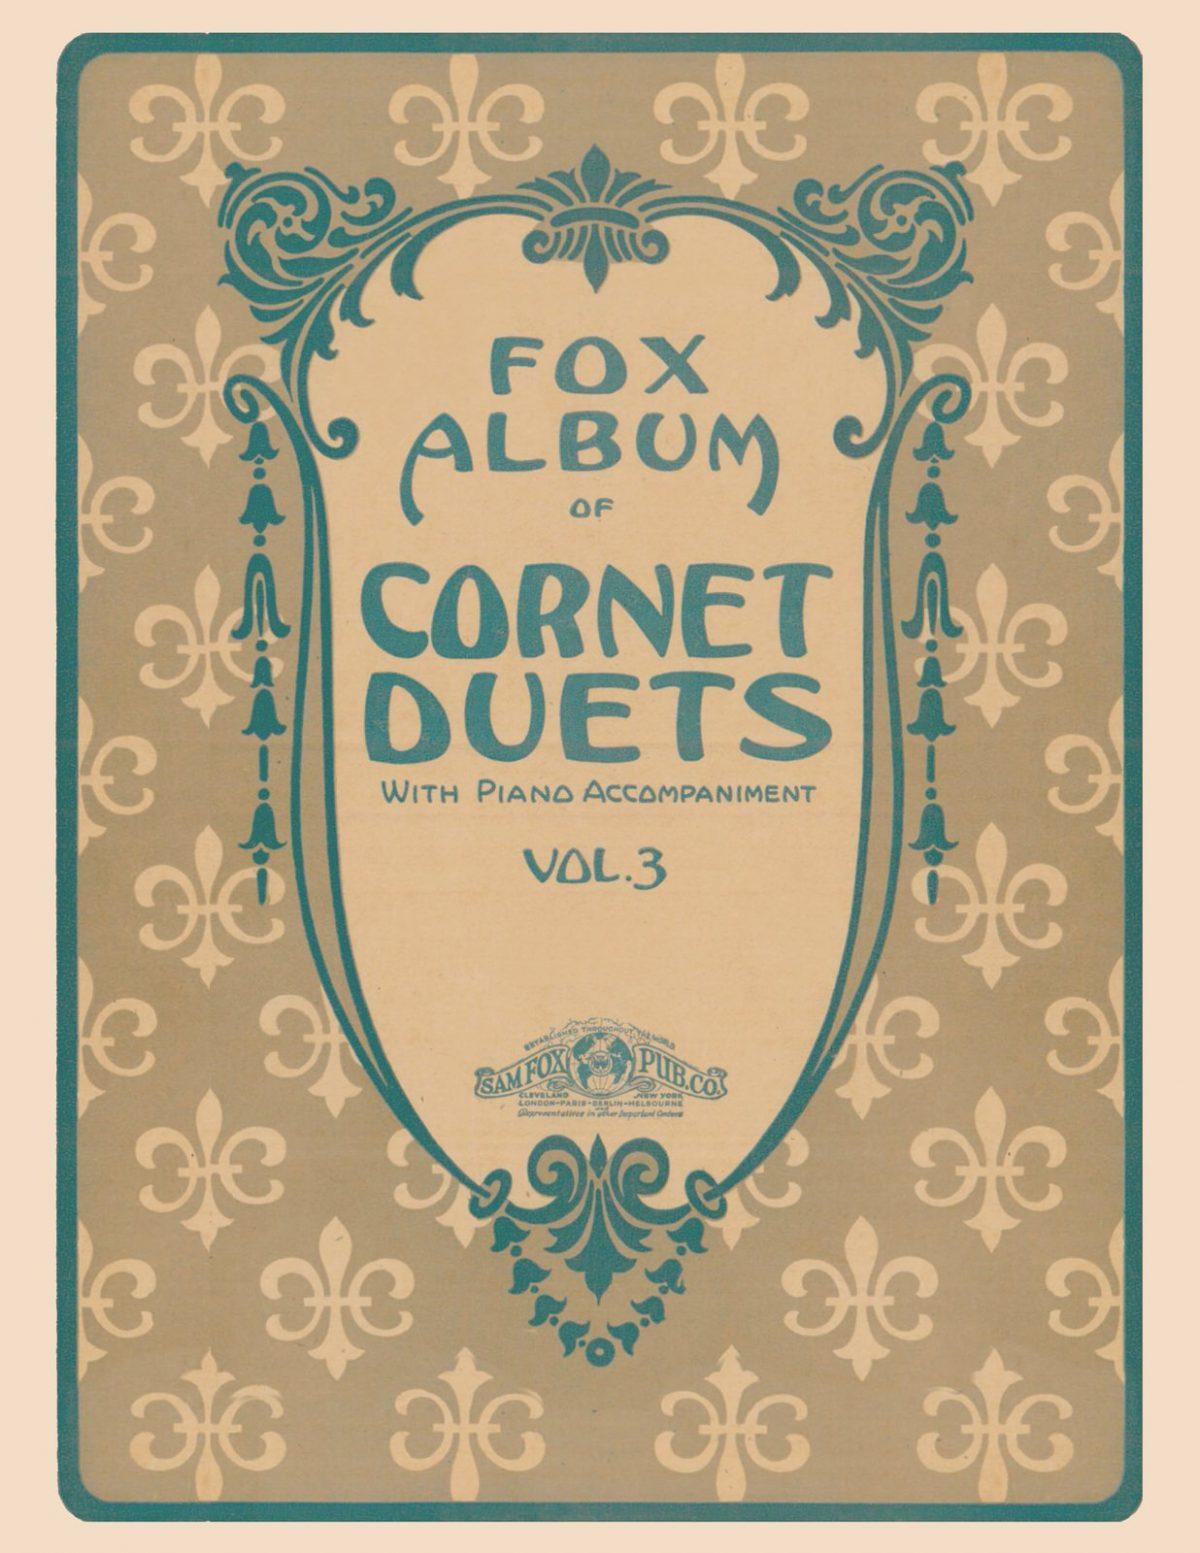 Fox Album of Cornet Duets Vol.3-p01